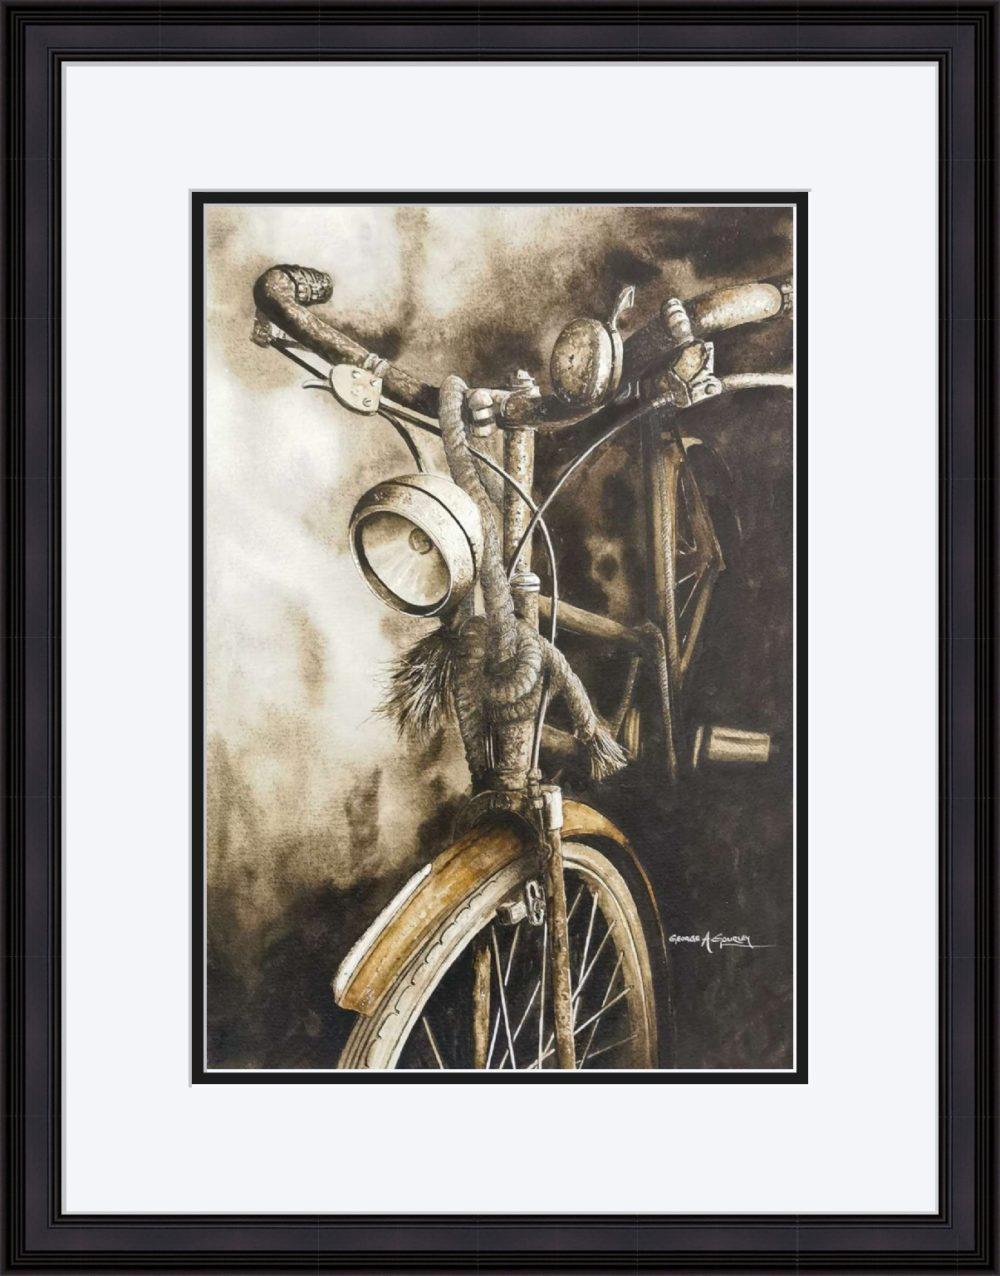 The Old Timer in Black Frame